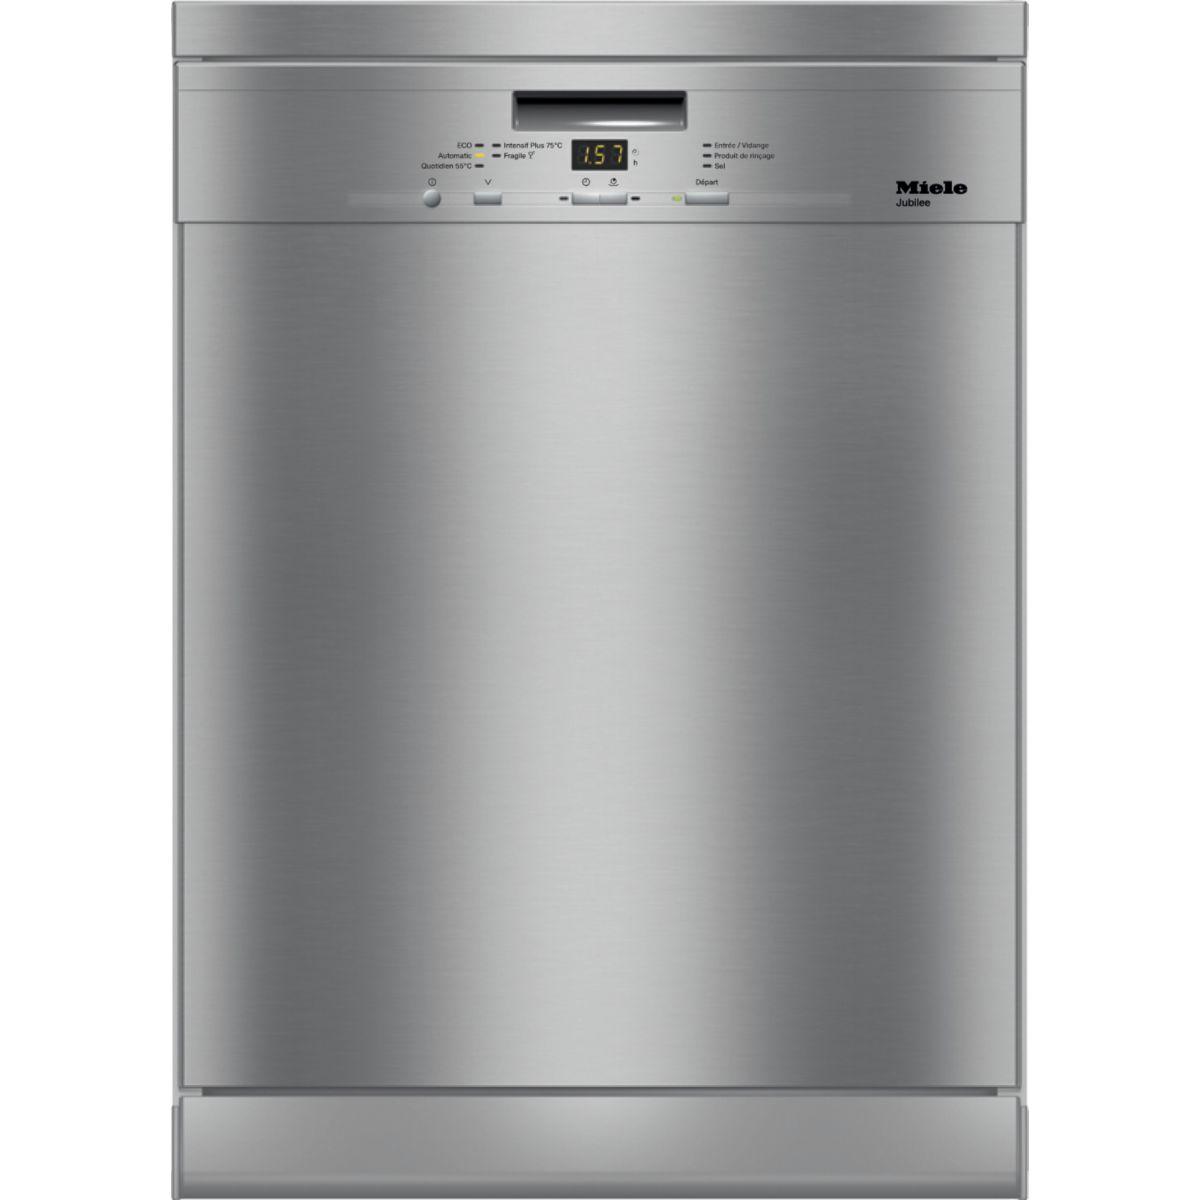 Lave-vaisselle 60cm MIELE G 4942 SC FRONT INOX (photo)